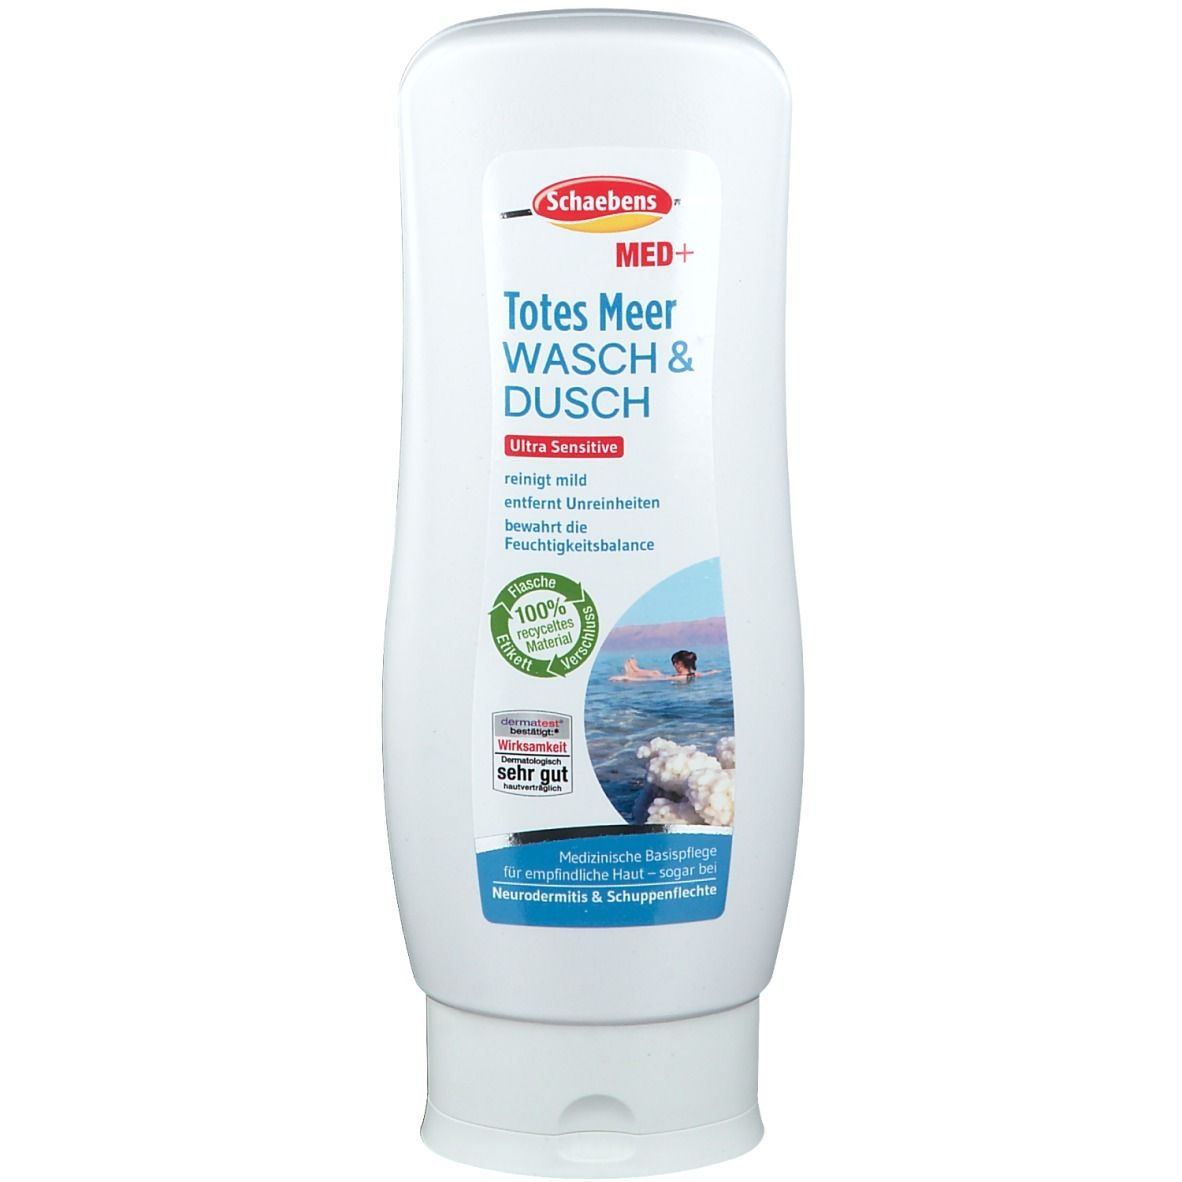 Schaebens MED+ Totes Meer Wasch- & Duschgel